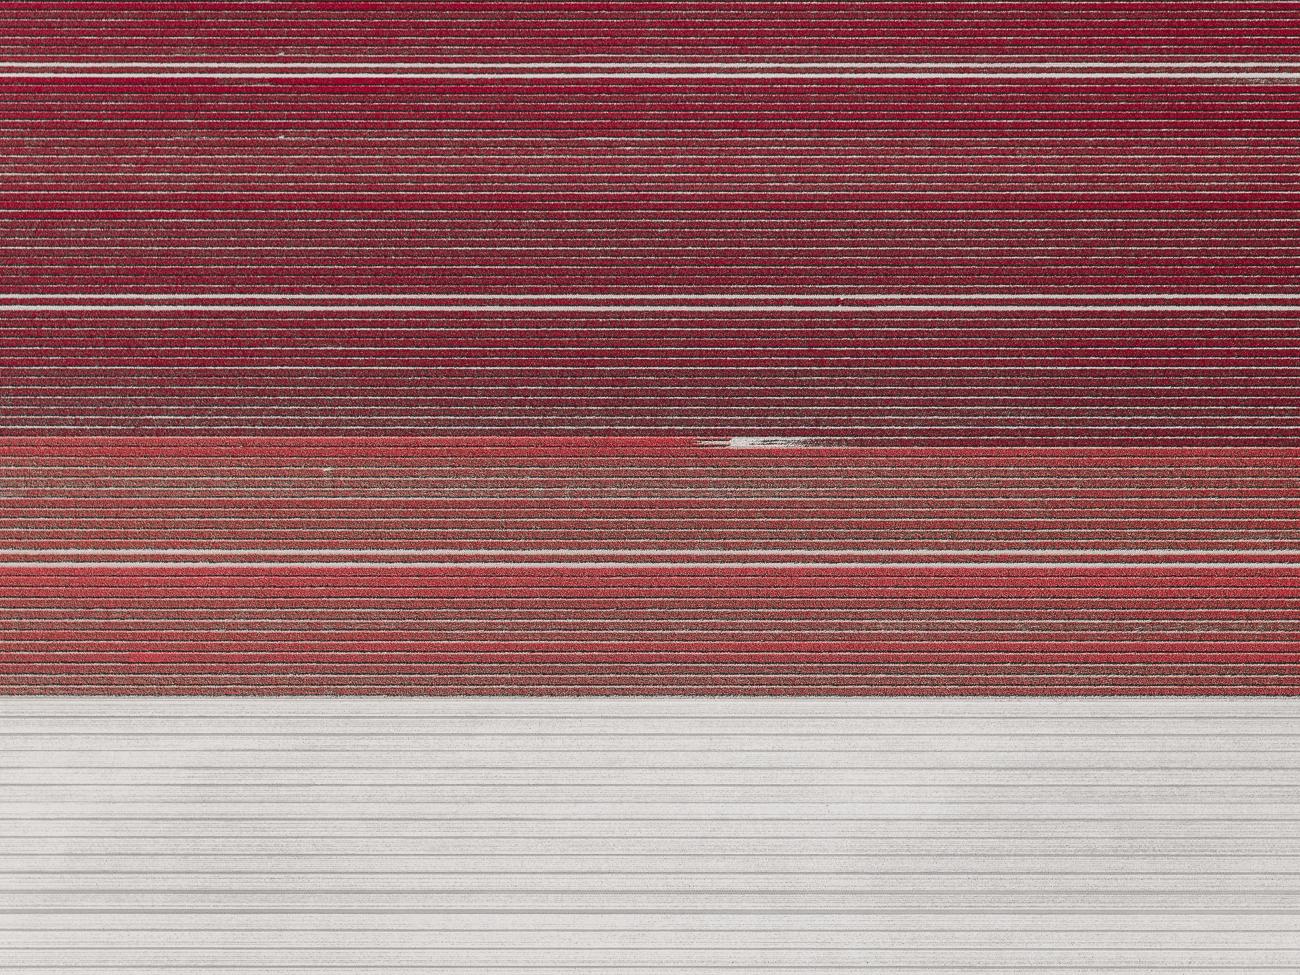 Tom_Hegen_The_Tulip-4.jpg